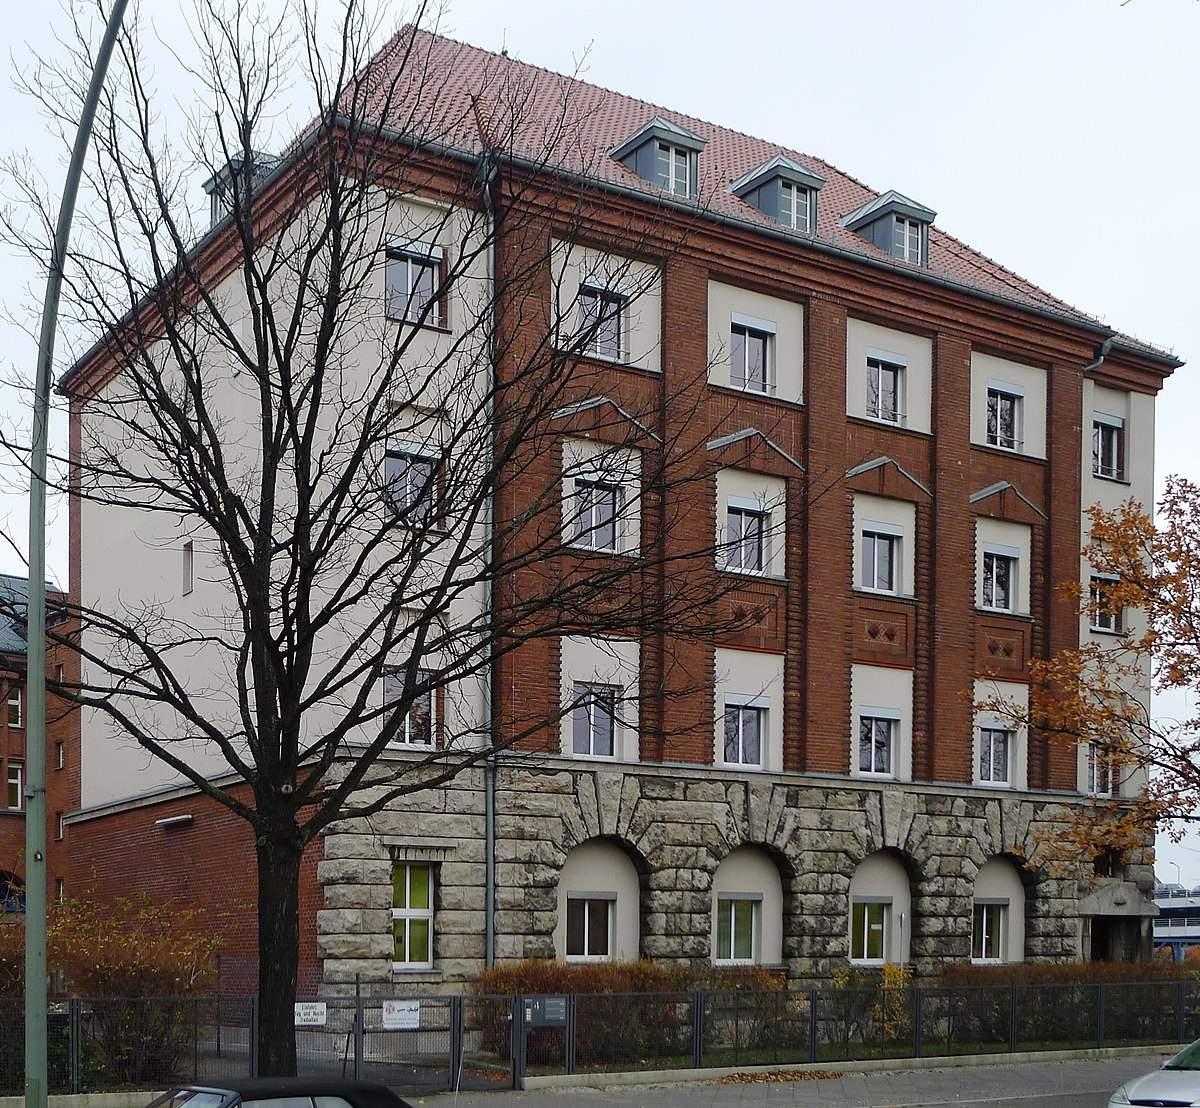 1200px Forckenbeckstraße 4 Berlin Schmargendorf a JPG